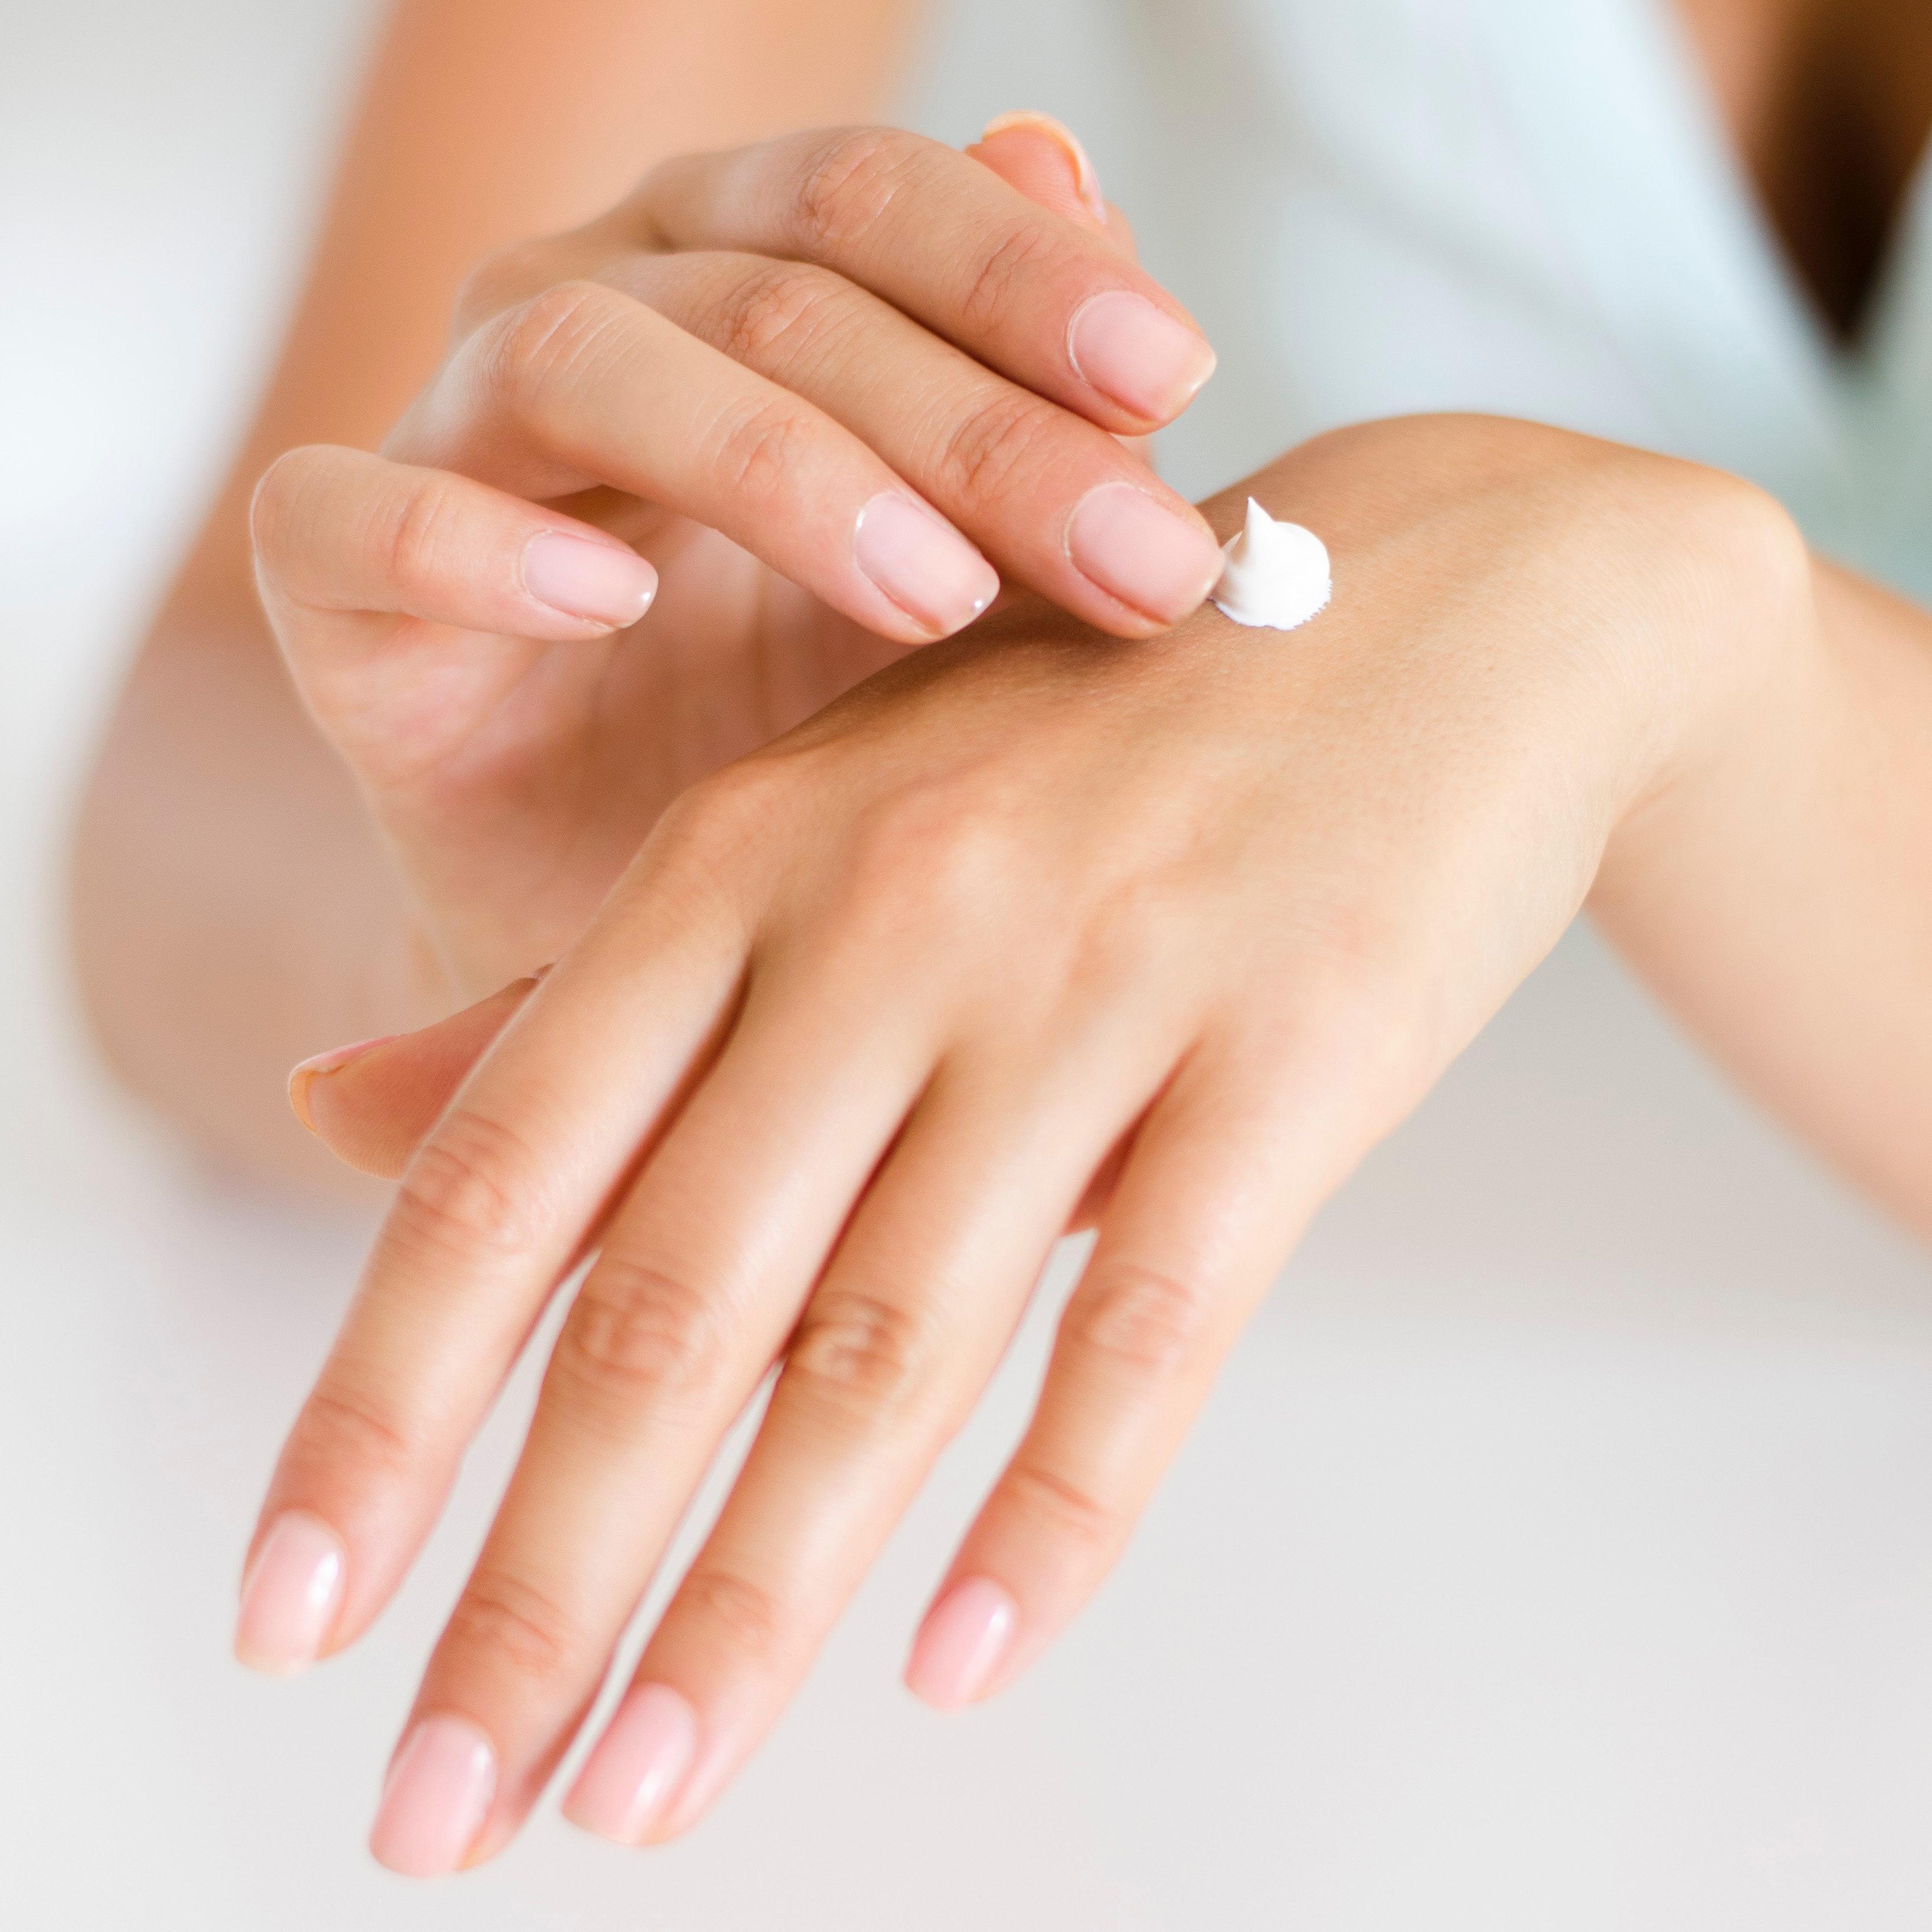 Aplicando crema hidratante en las manos